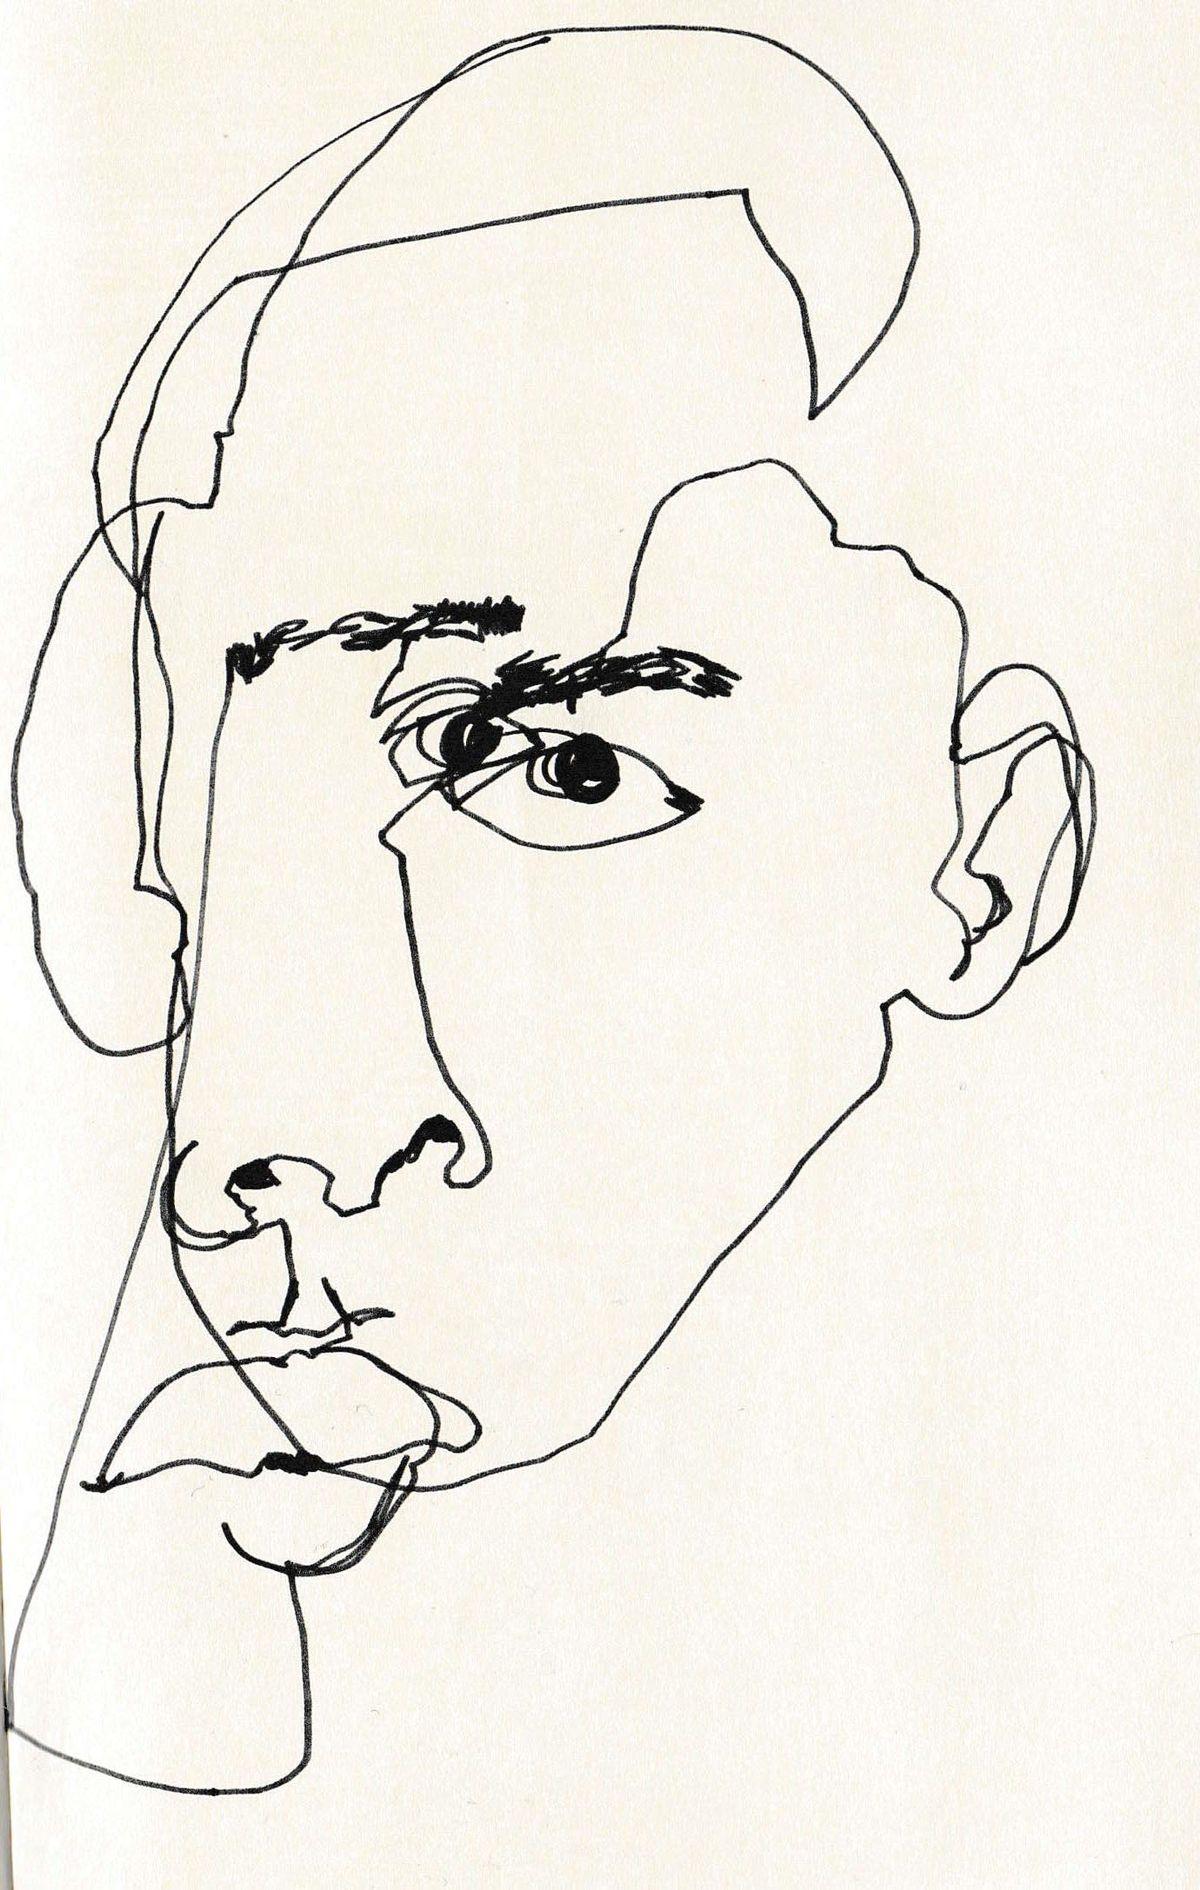 February James «Blind Contour Line Drawing» Es la imagen de un rostro abstracto que pretende reforzar la fealdad de Sócrates